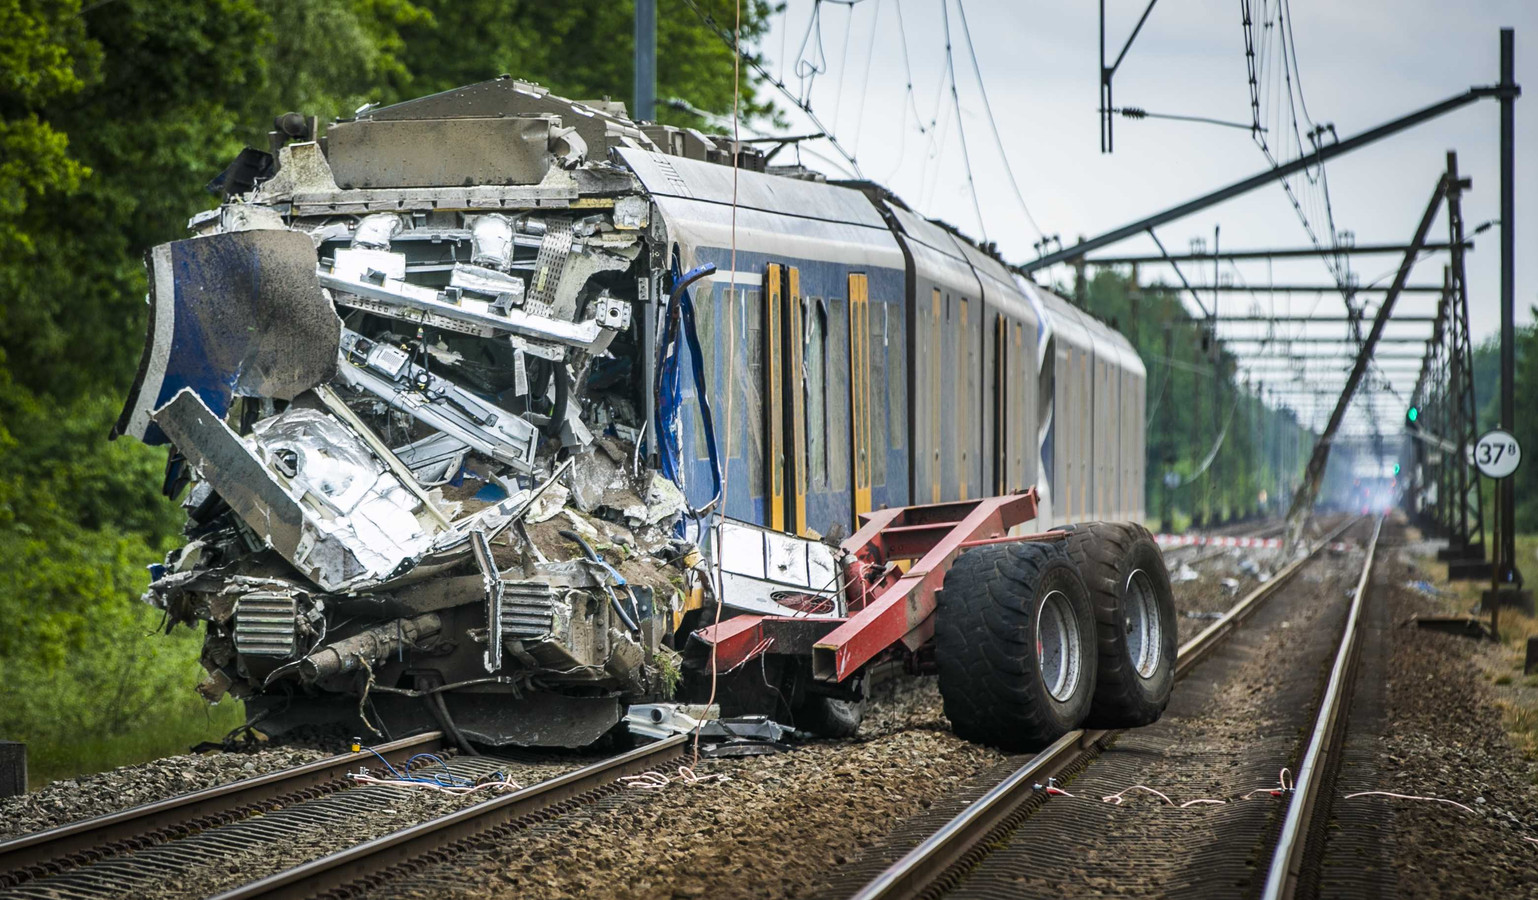 De ravage was enorm na de botsing tussen een NS-sprinter en een tractor met oplegger op 22 mei vorig jaar.  De oplegger boorde zich in de cabine, de trein kwam pas 350 meter verder tot stilstand.